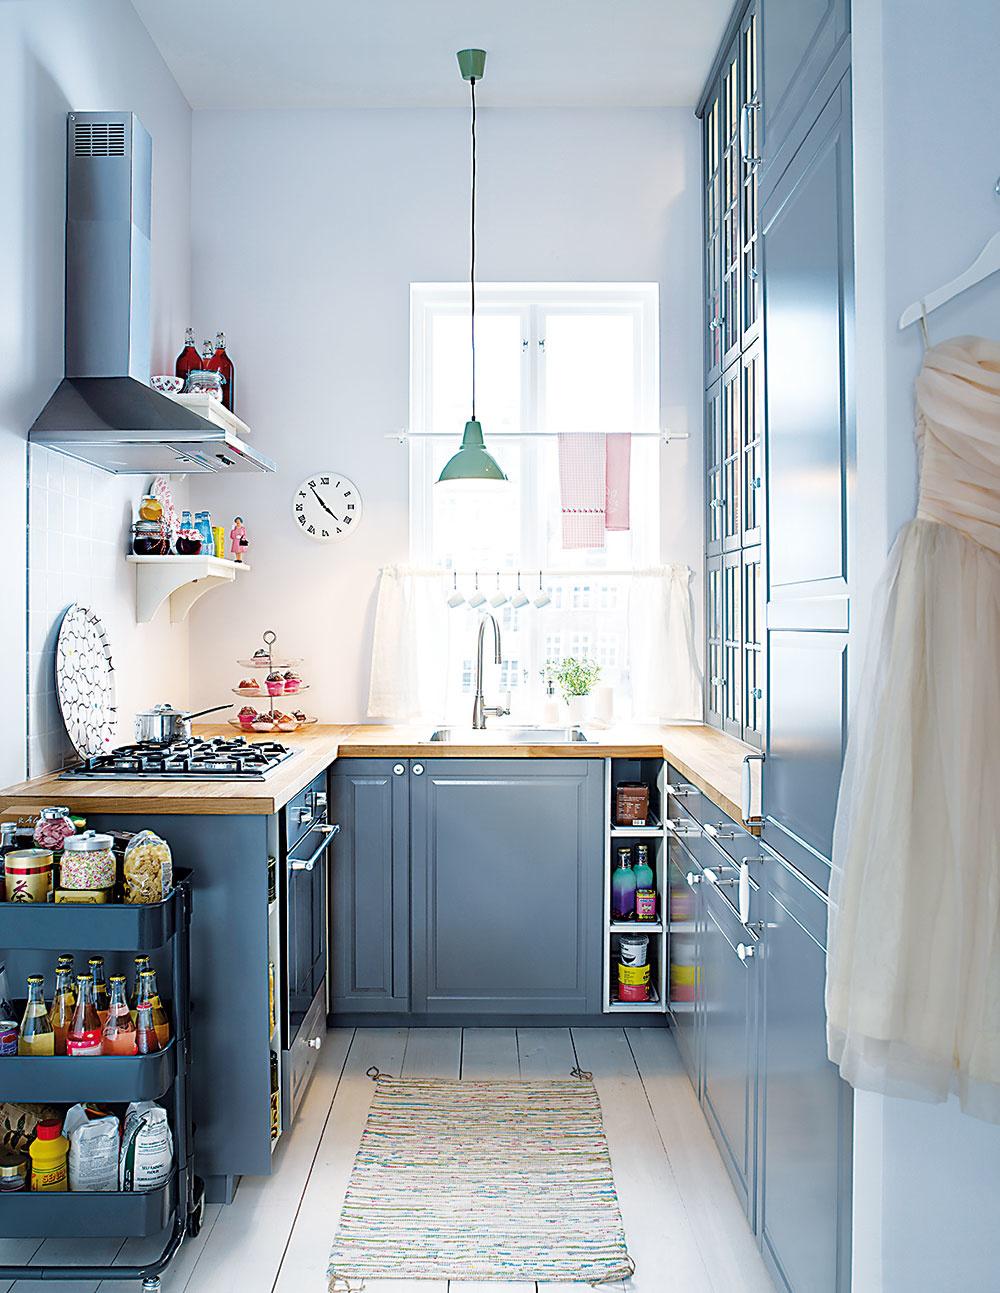 """Drez pod oknom predstavuje obľúbenú voľbu, vďaka ktorej získate v umývacej časti dostatok prirodzeného svetla. Pozor však dajte na výber vhodnej batérie, aby sa dalo okno v prípade potreby otvoriť. Umelé osvetlenie, ktoré dokáže v tejto časti kuchyne spôsobiť nemalé problémy, môžete vyriešiť """"bodovkami"""" umiestnenými do sadrokartónového stropu, prípadne visiacimi lampami, ak to rozmery okna umožnia."""